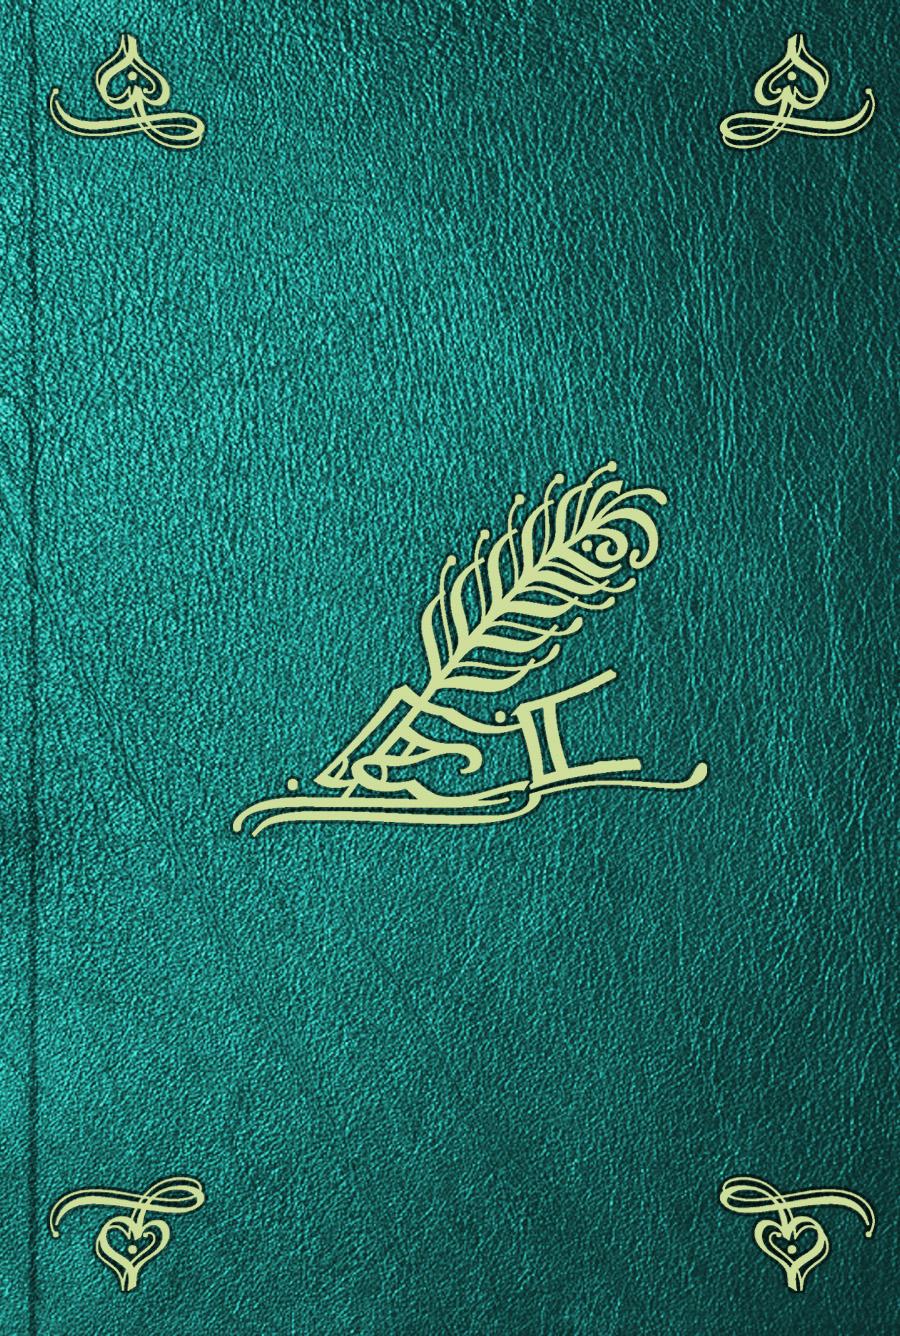 Friedrich Grimm Memoires politiques et anecdotiques, inedits. T. 2 charles simon favart mémoires et correspondance littéraires dramatiques et anecdotiques t 2